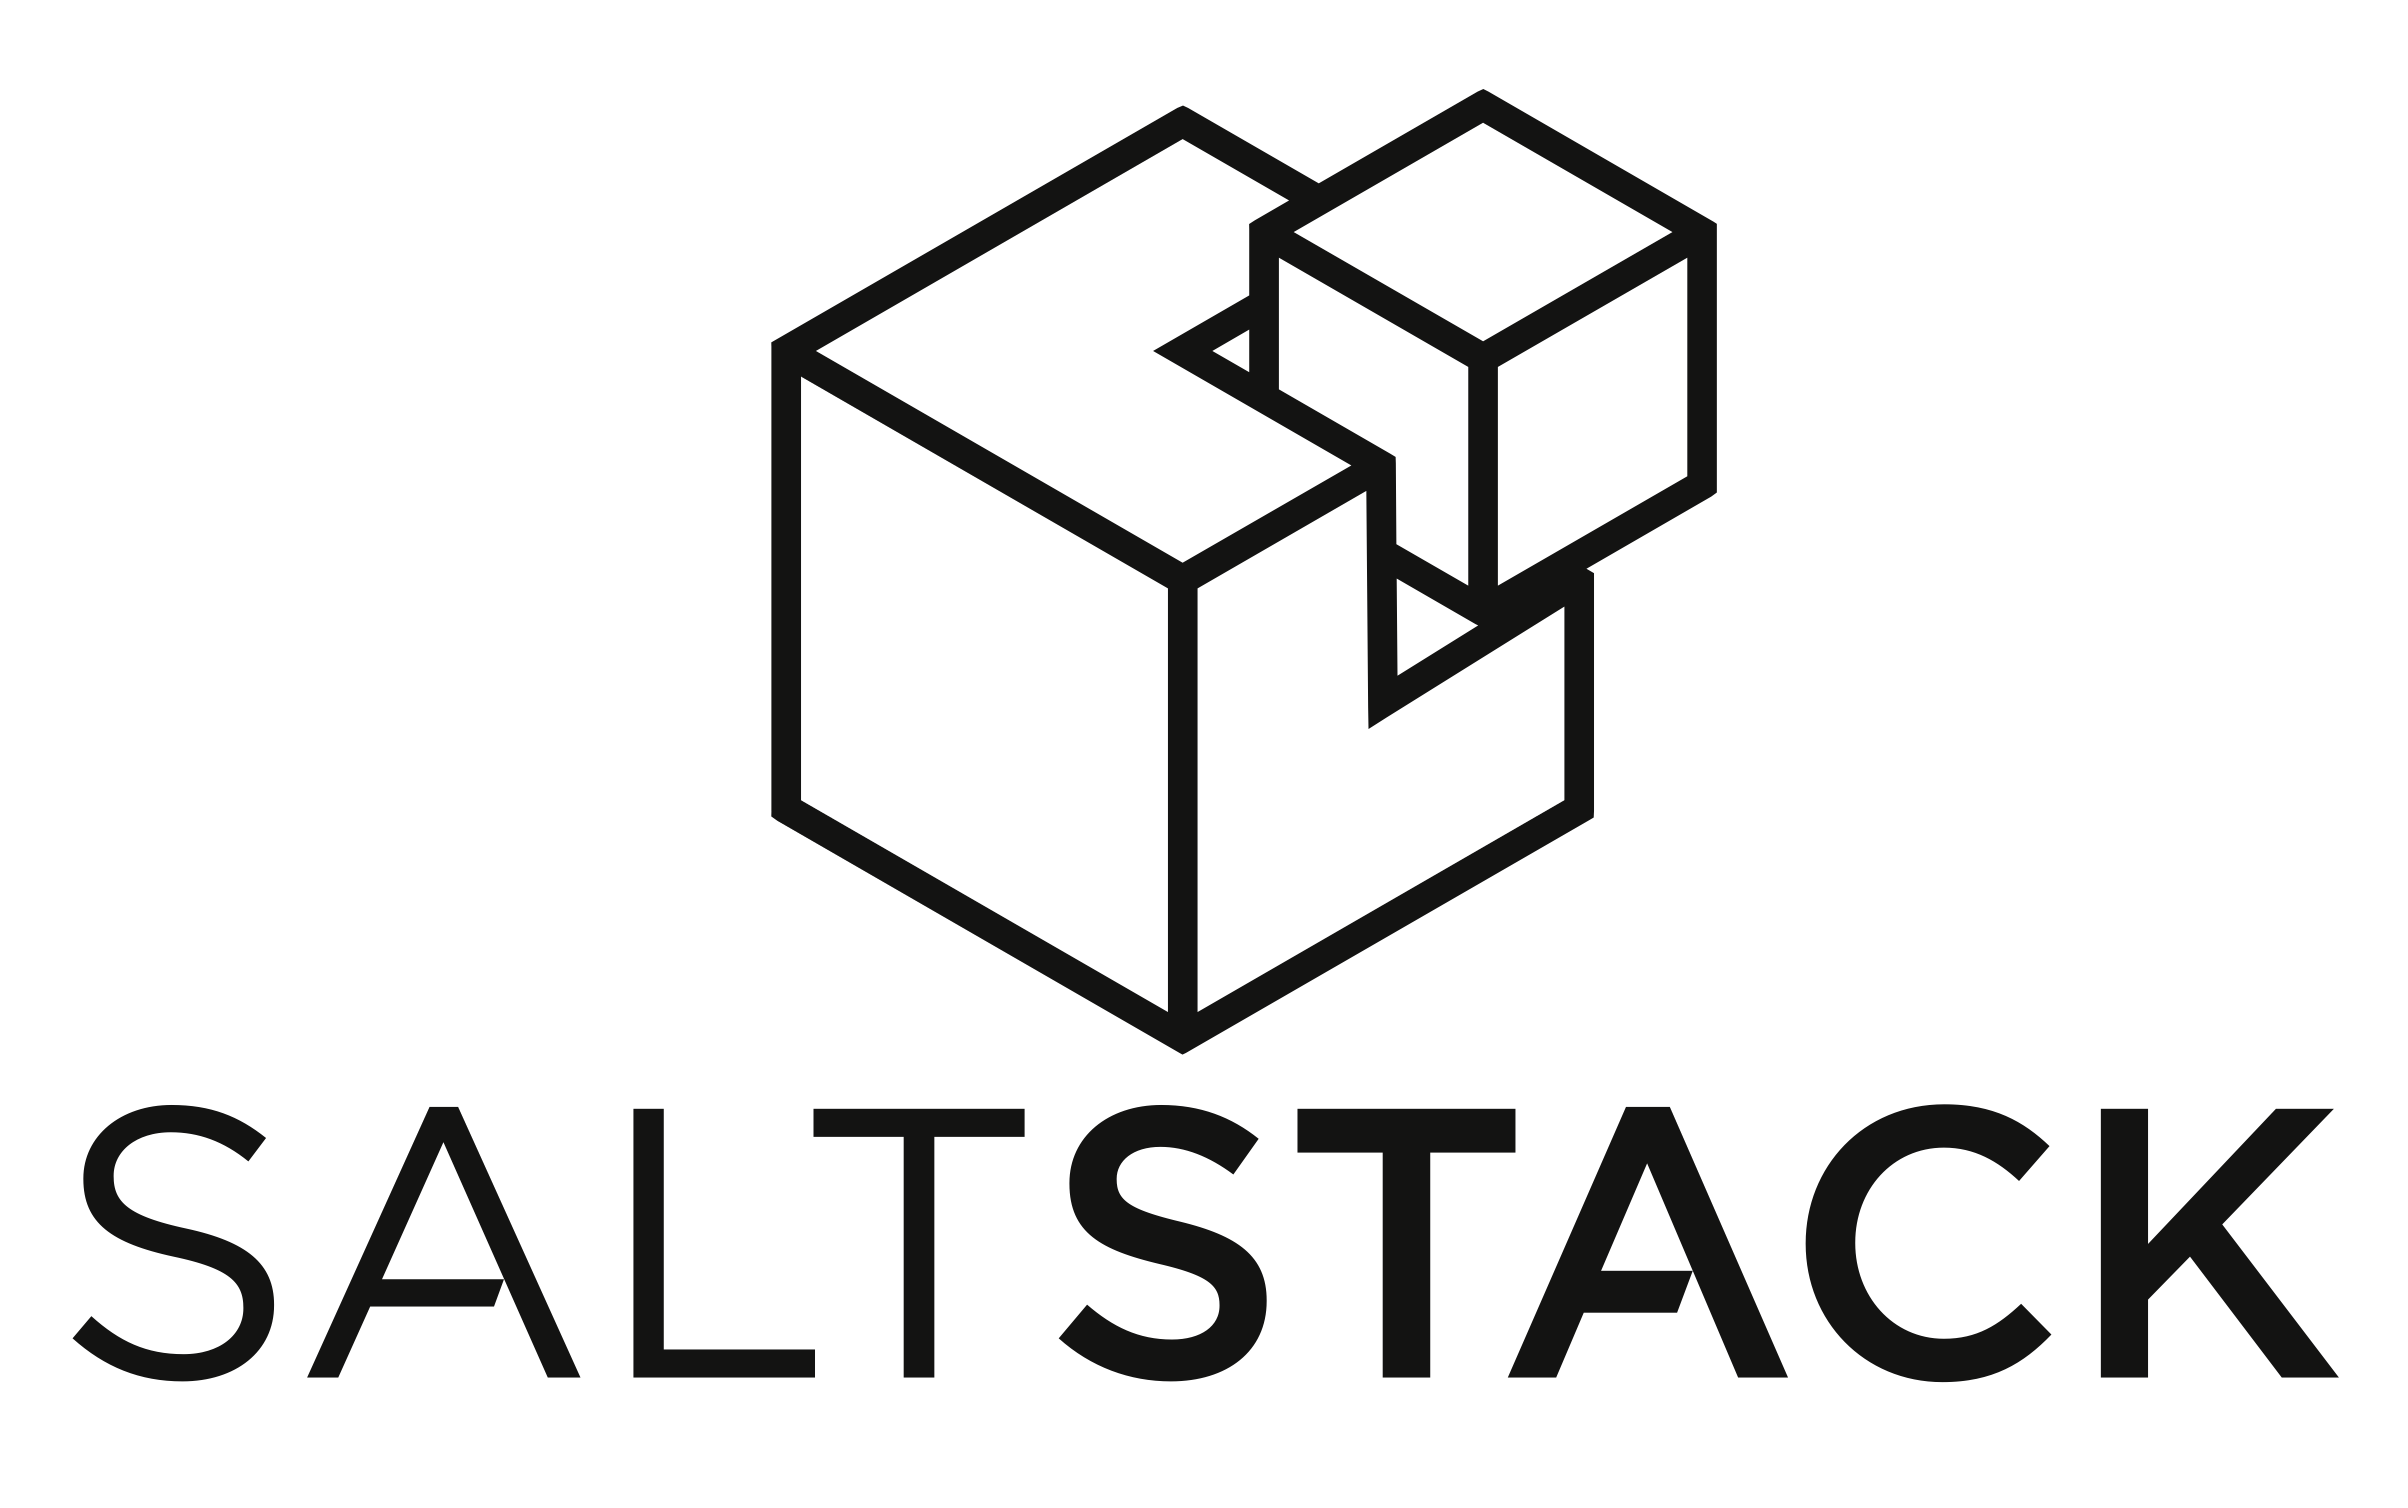 Saltstack_logo